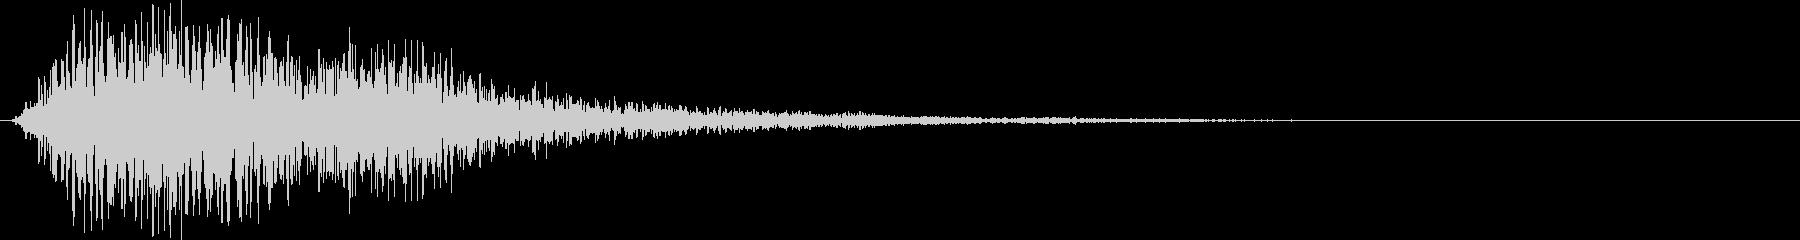 落ち着いたサウンドロゴの未再生の波形